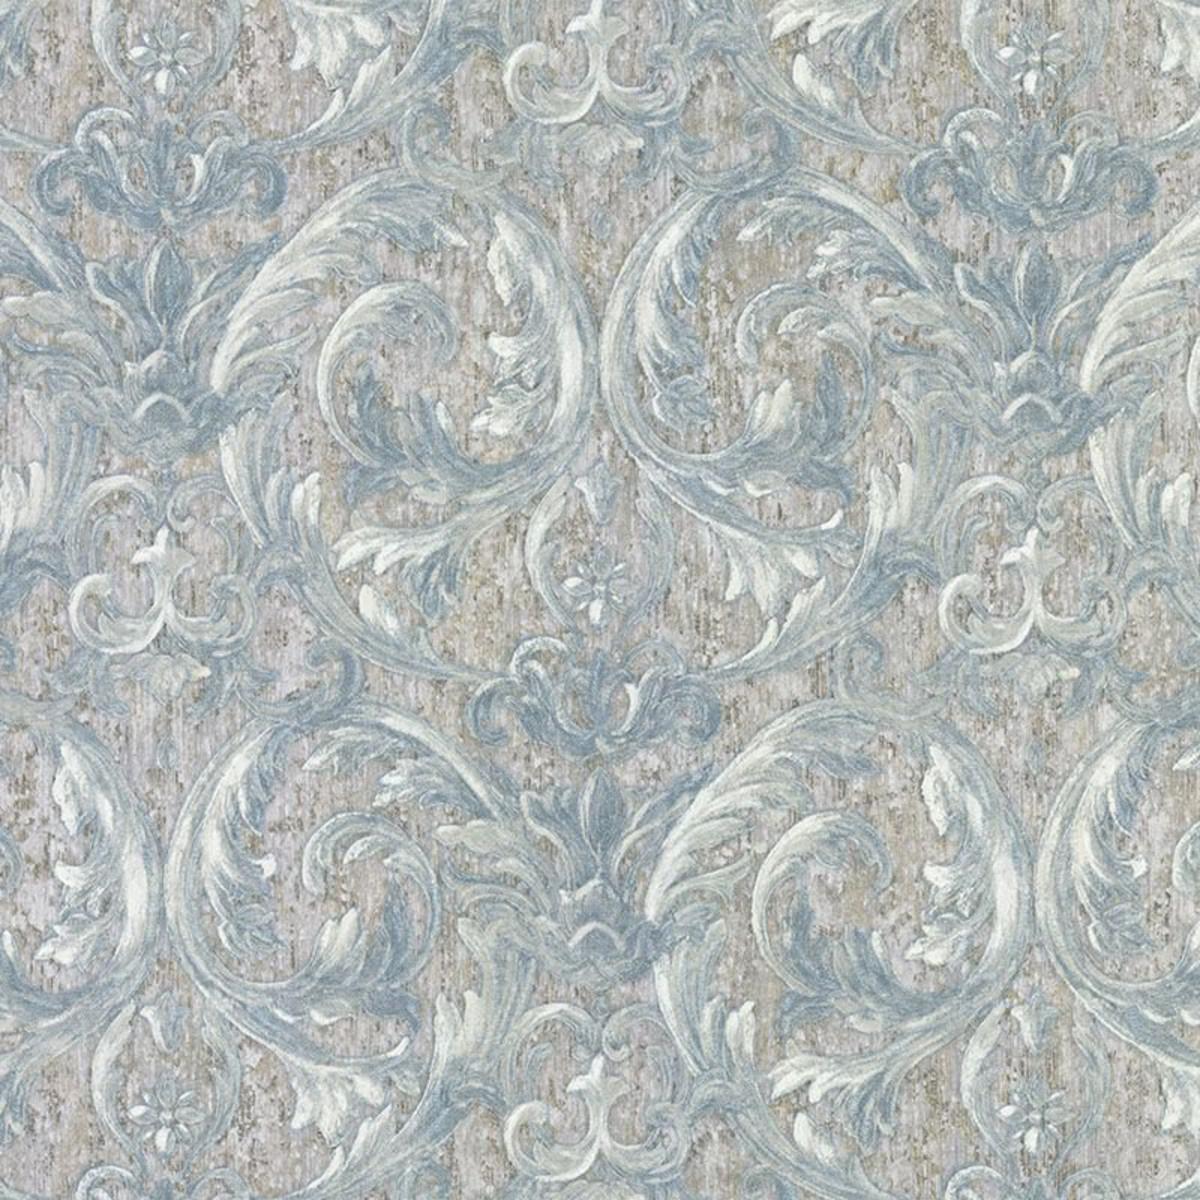 Обои флизелиновые Decori-Decori Altera голубые 1.06 м 82302